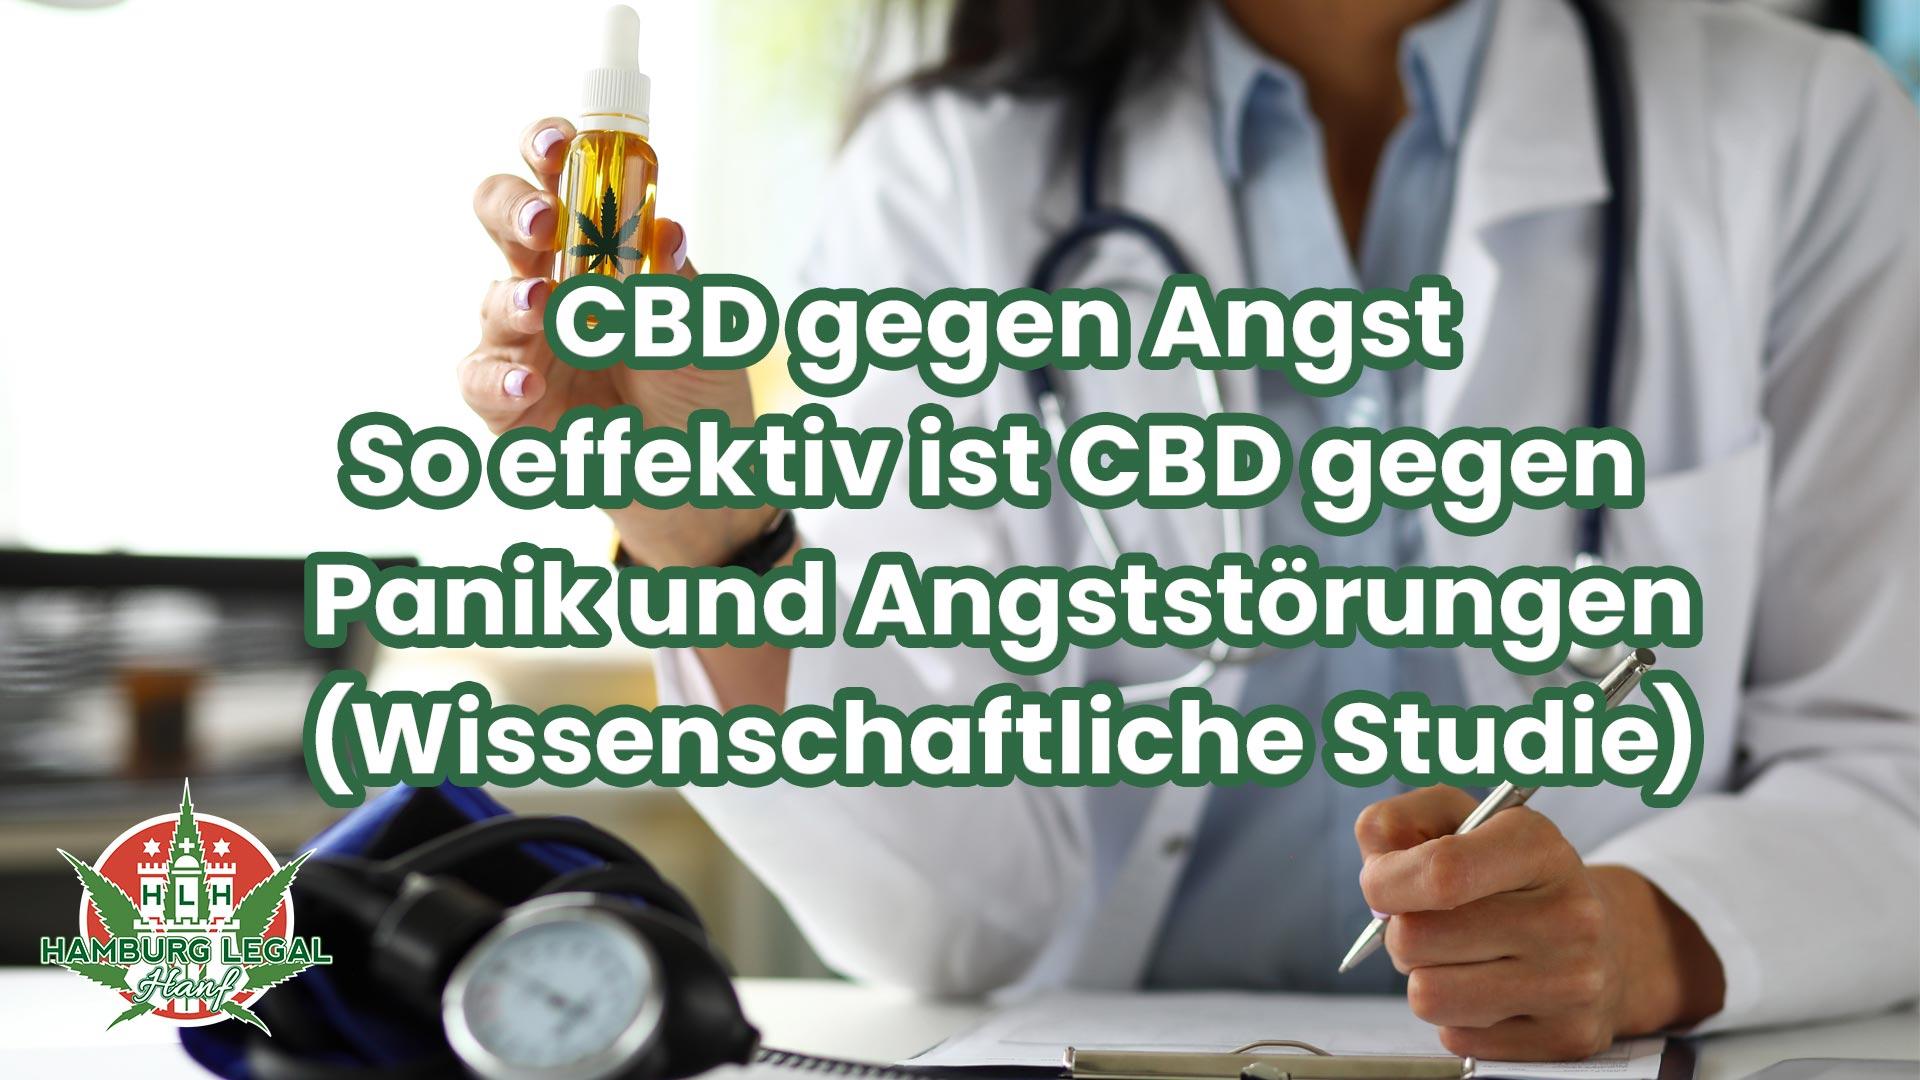 CBD gegen Angst – Studie bestätigt das CBD Angststörungen mindert